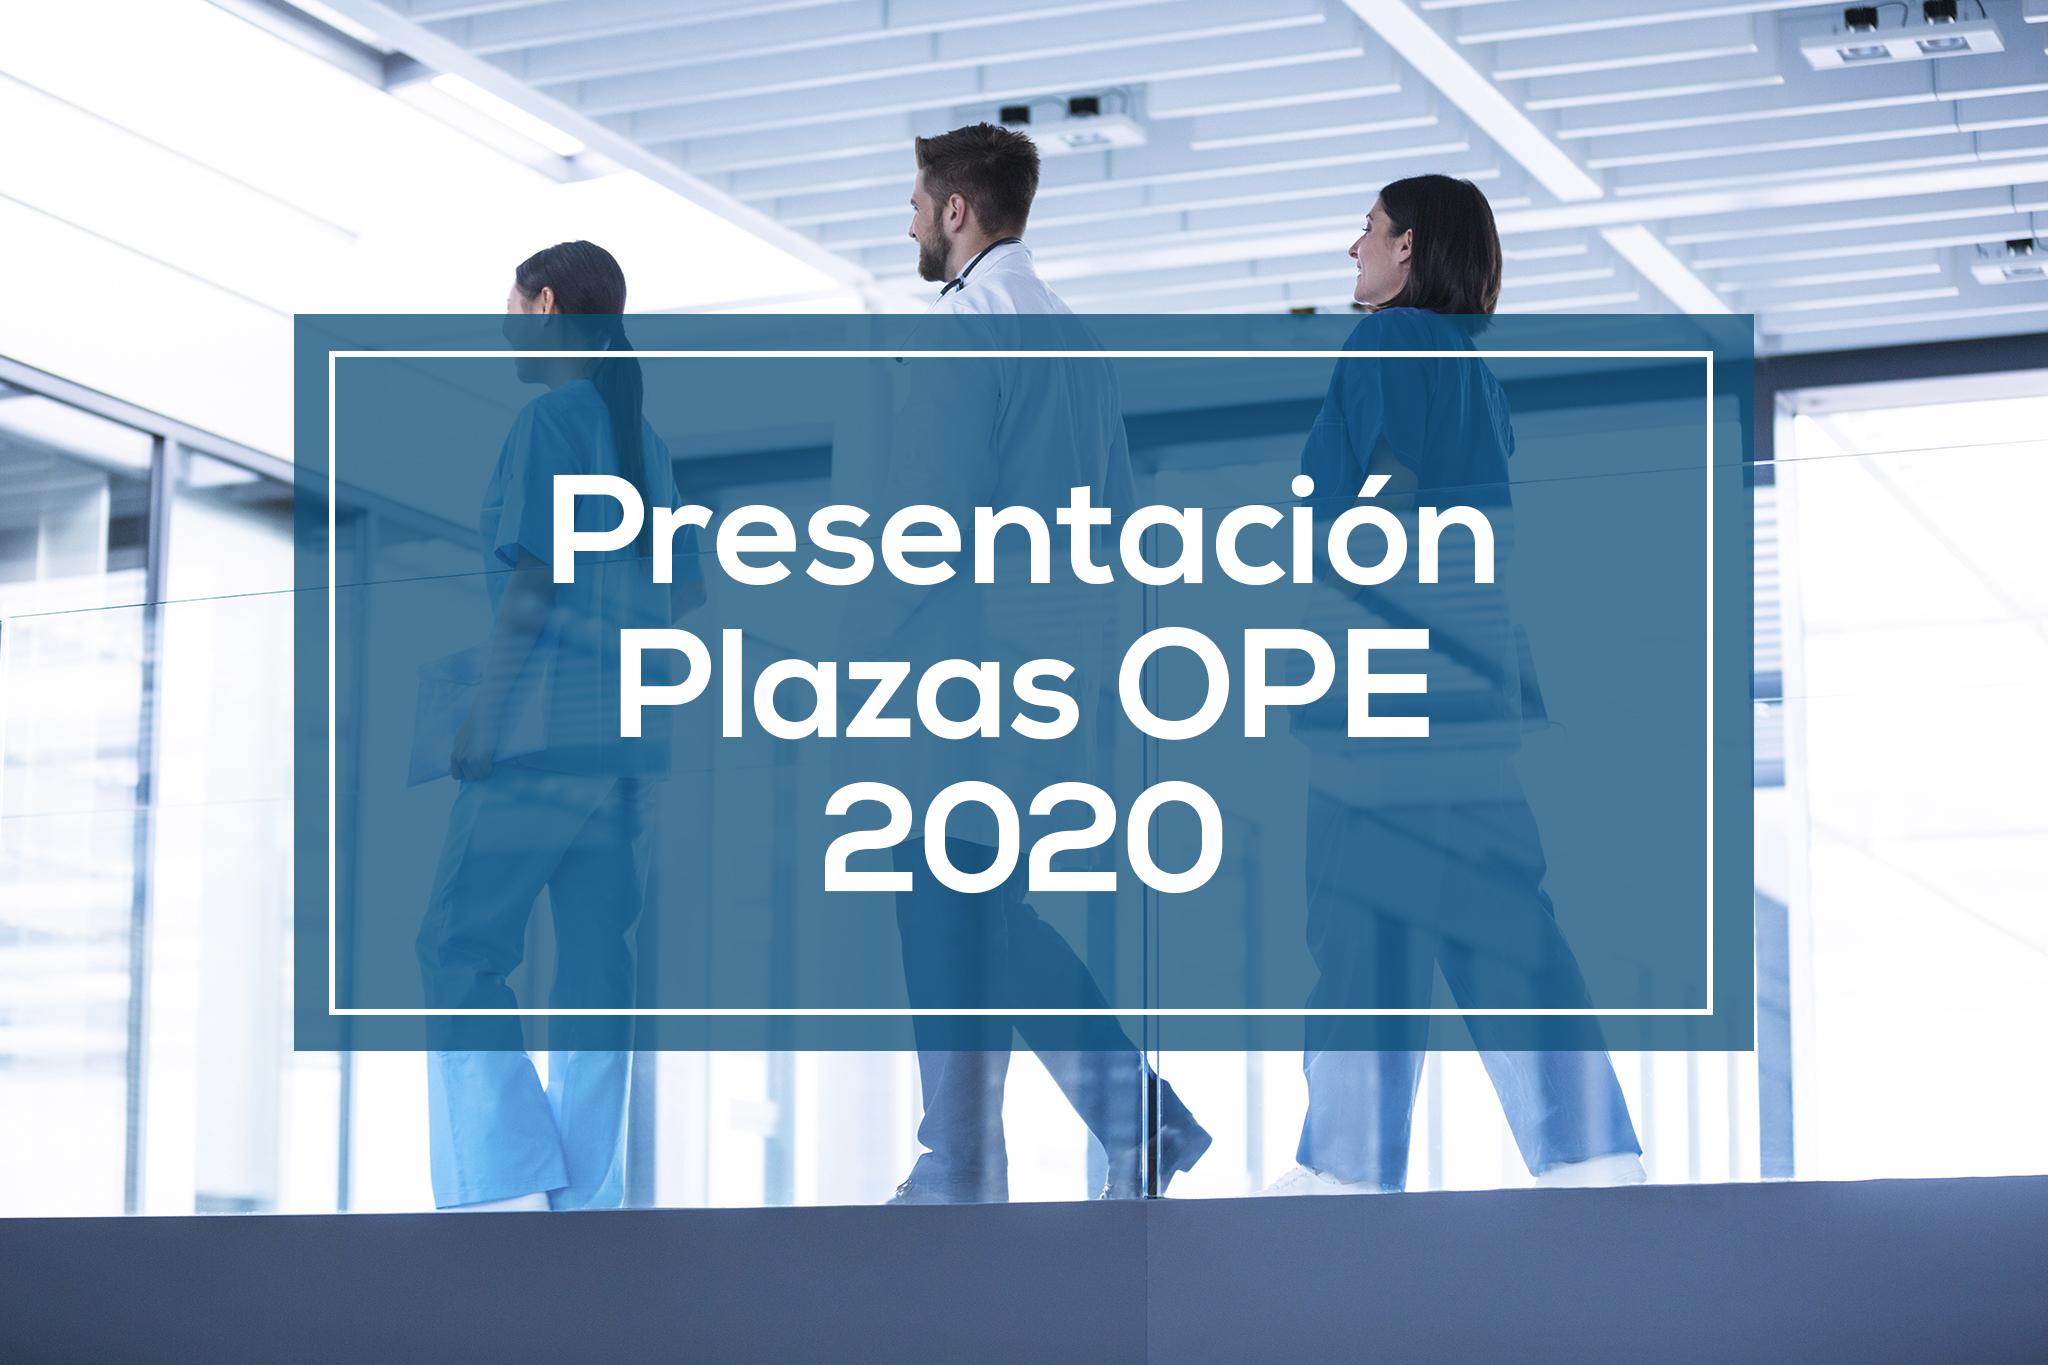 Presentación plazas OPE 2020